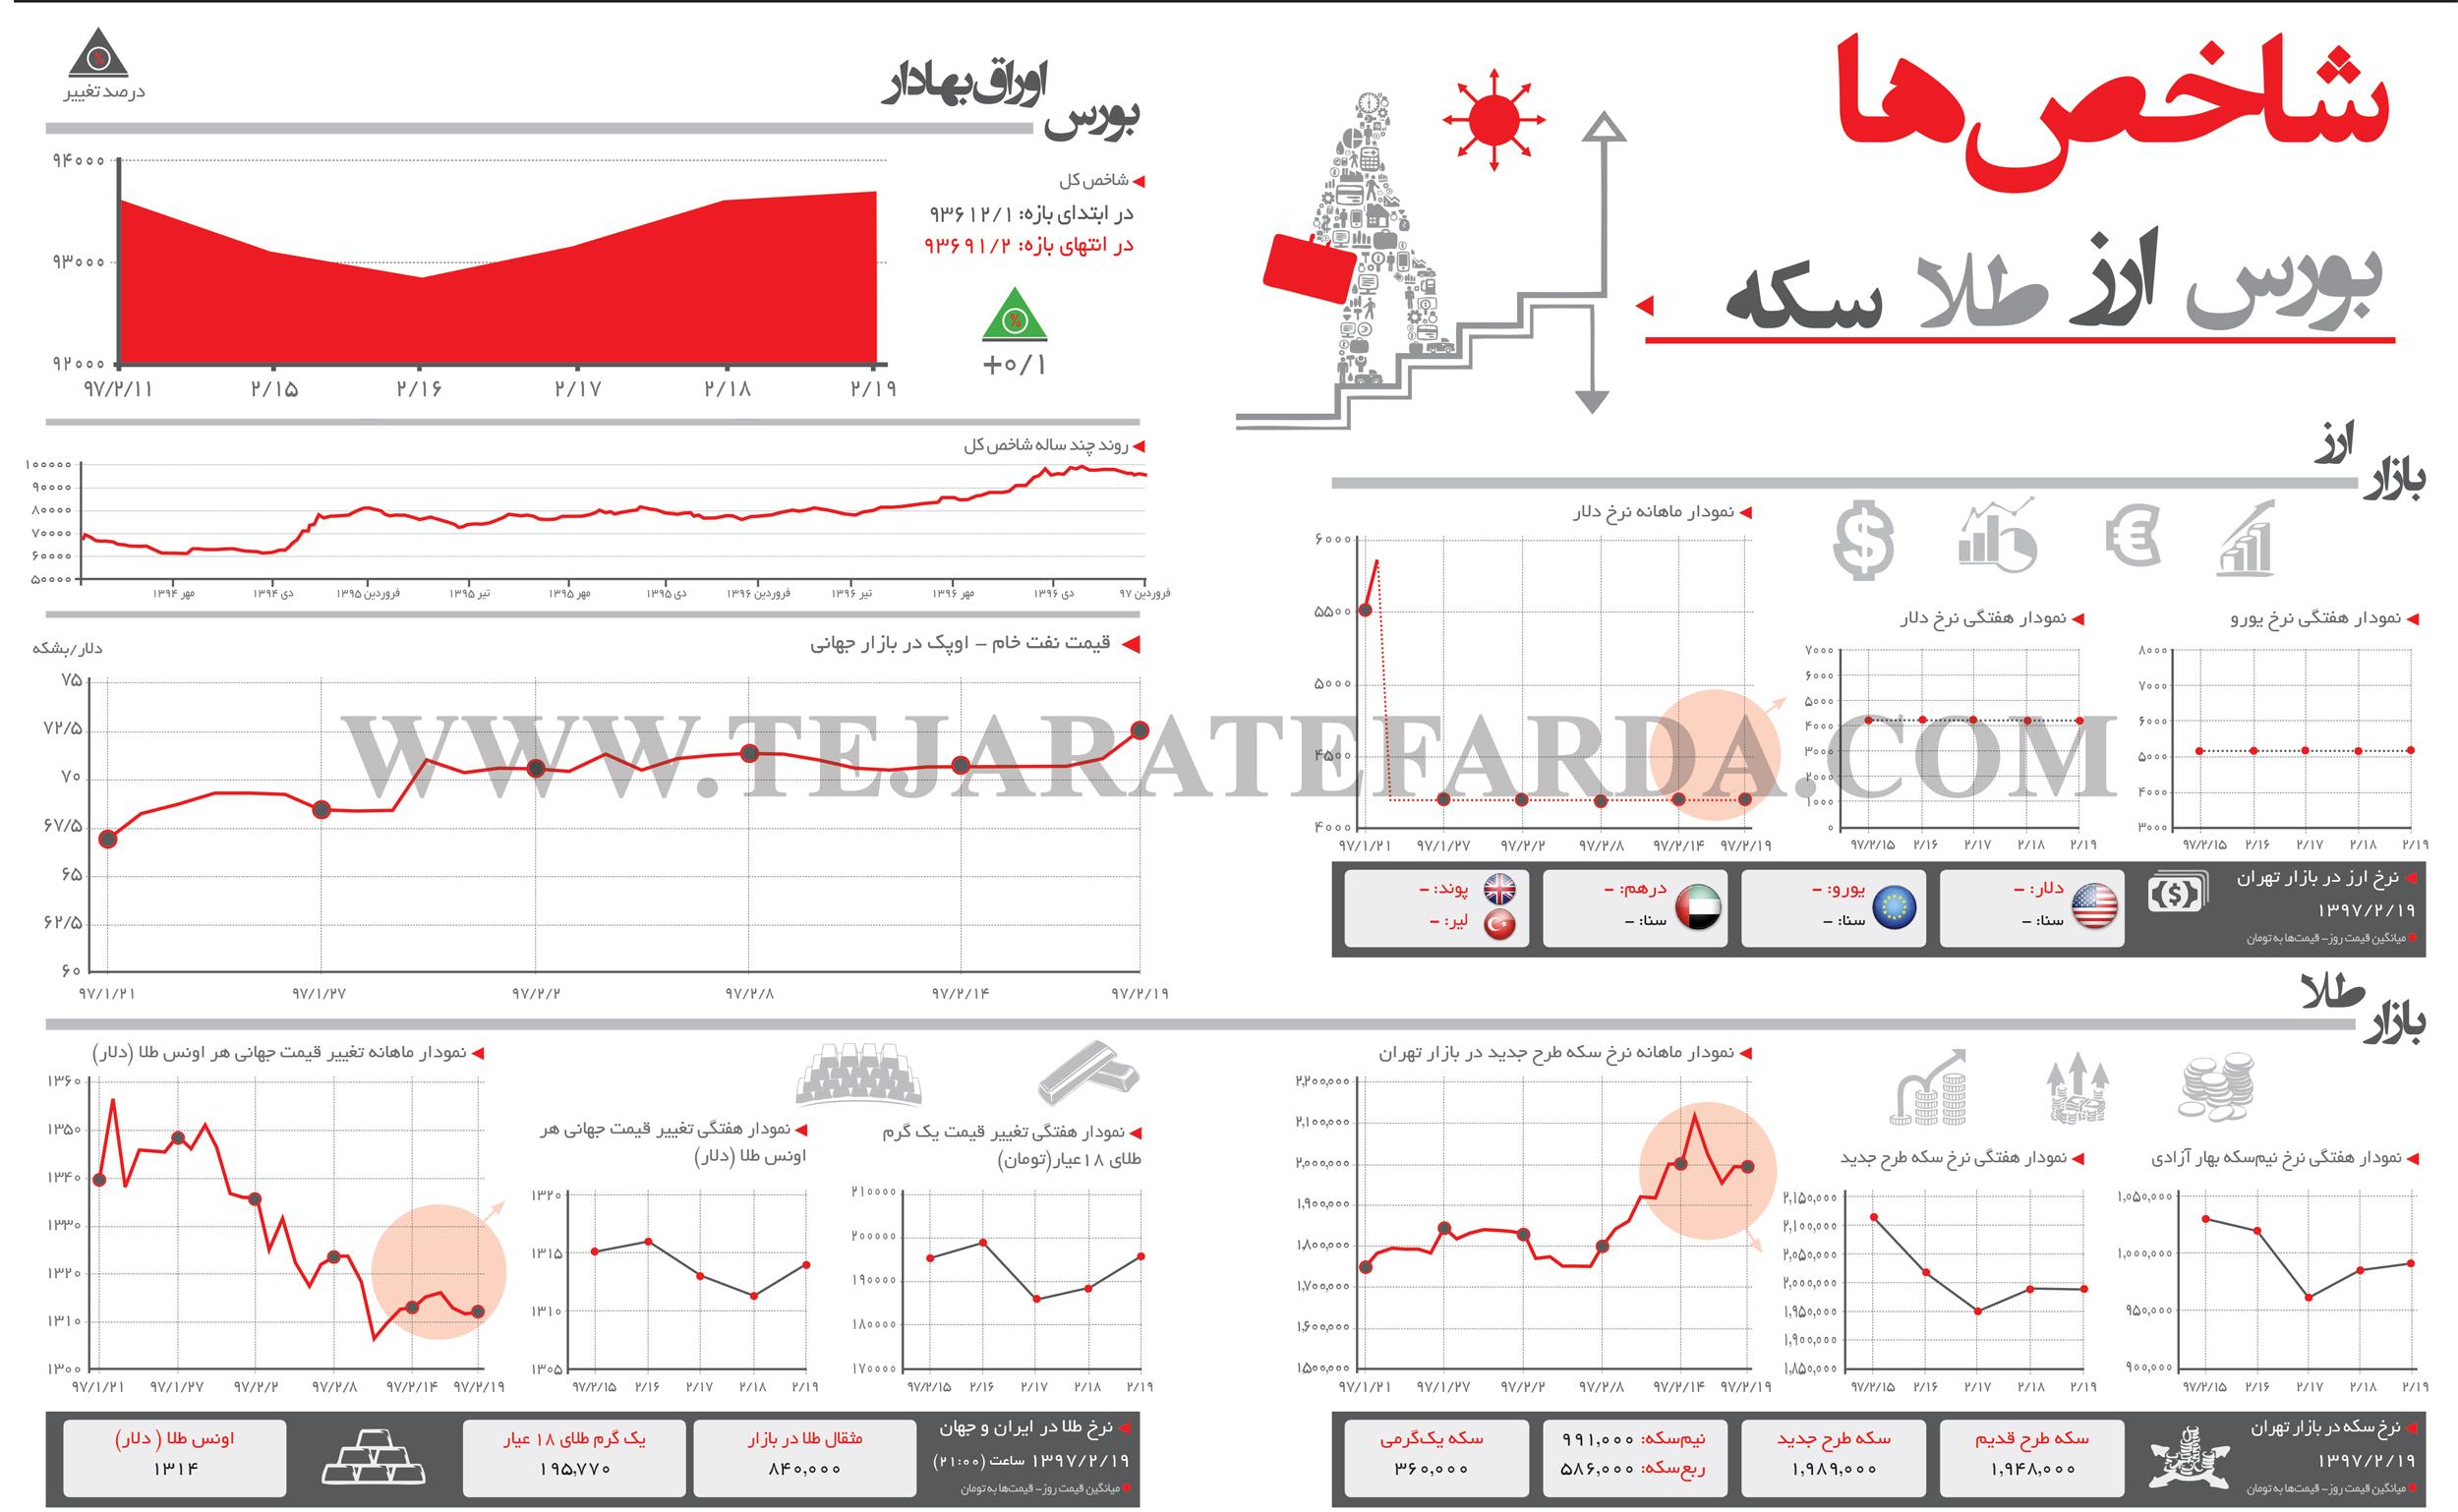 تجارت فردا- اینفوگرافیک- شاخصهای اقتصادی (268)